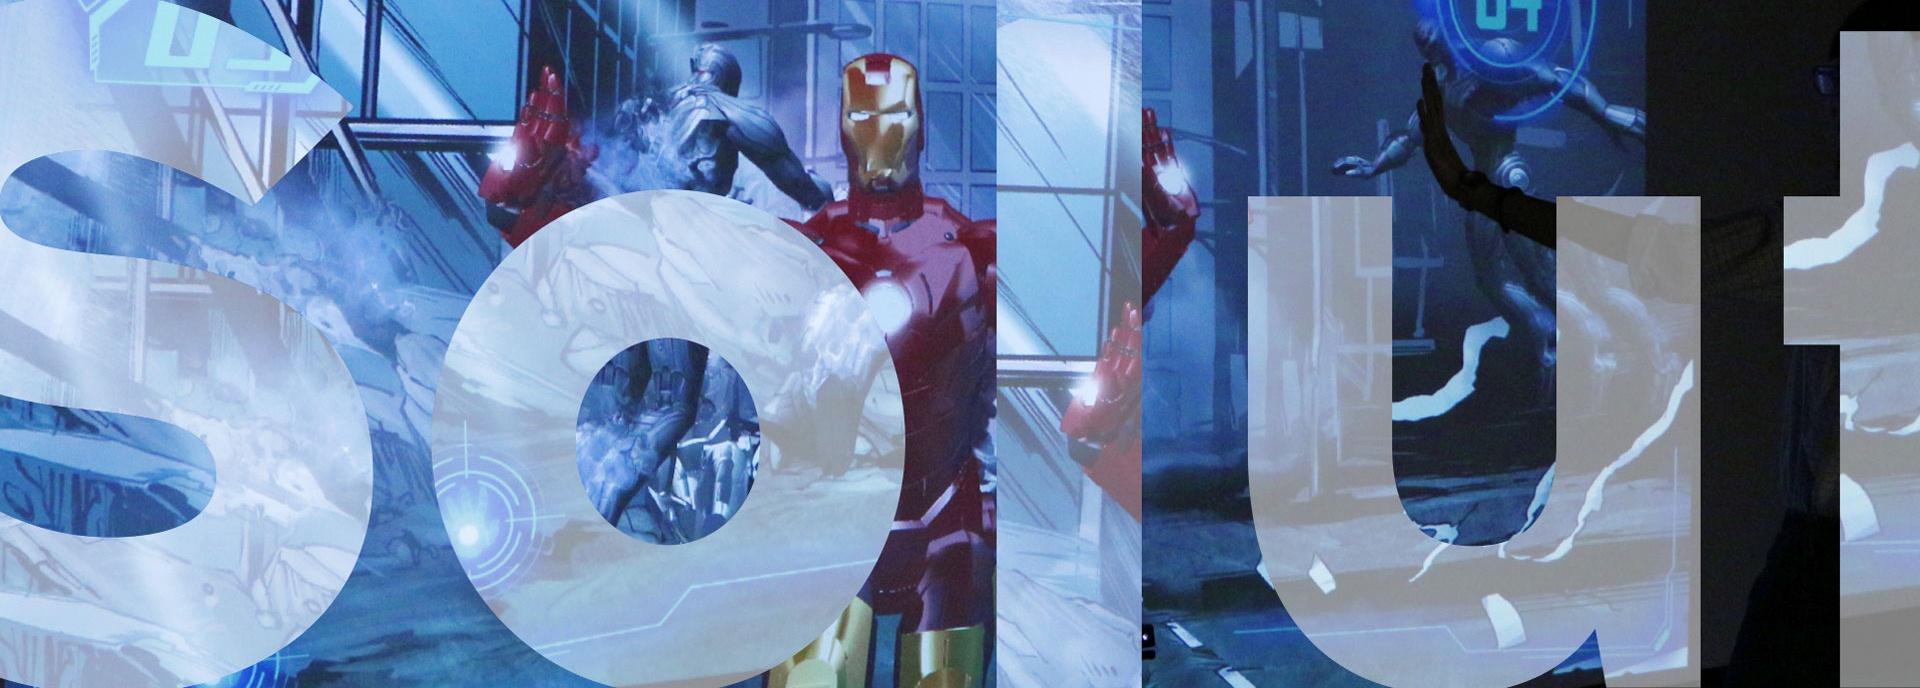 为香港3D体验馆设计一款运用投影触屏技术制作的3D体感互动游戏-钢铁侠